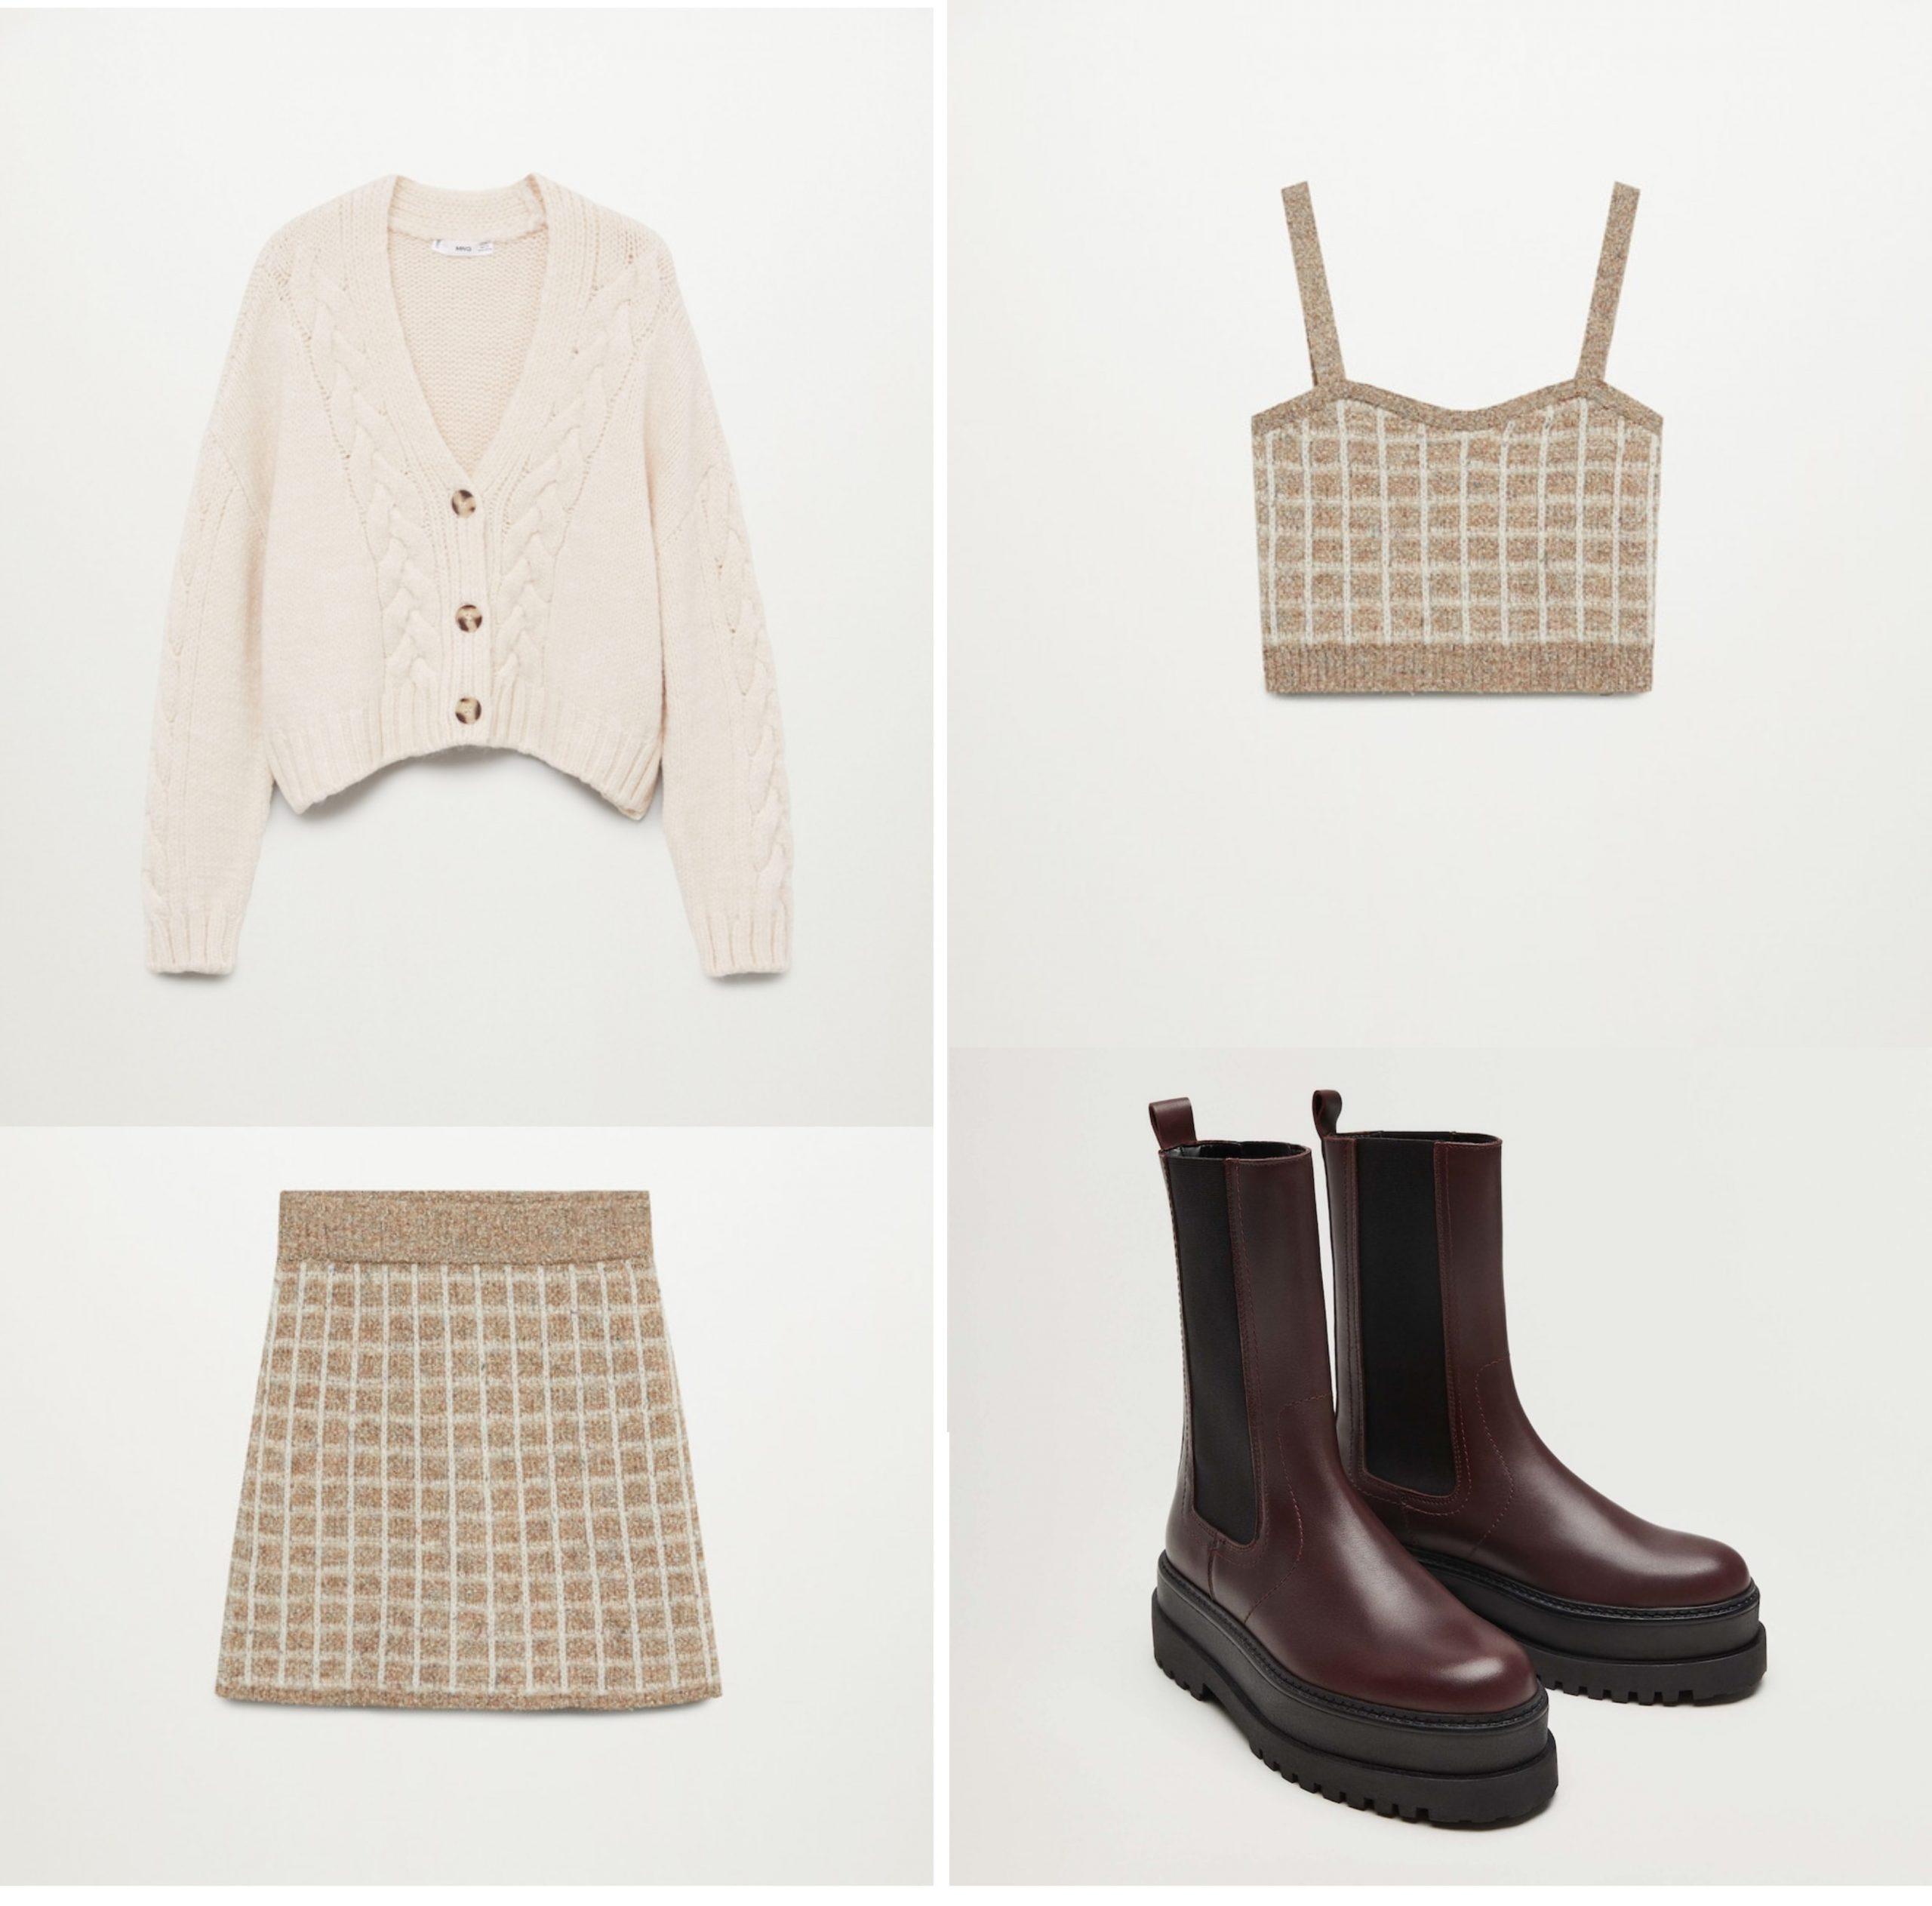 Conjunto de Mango formado por una falda y un top de cuadros de lana, botas con plataforma y gomas laterales de color granate y chaqueta de lana color beige.